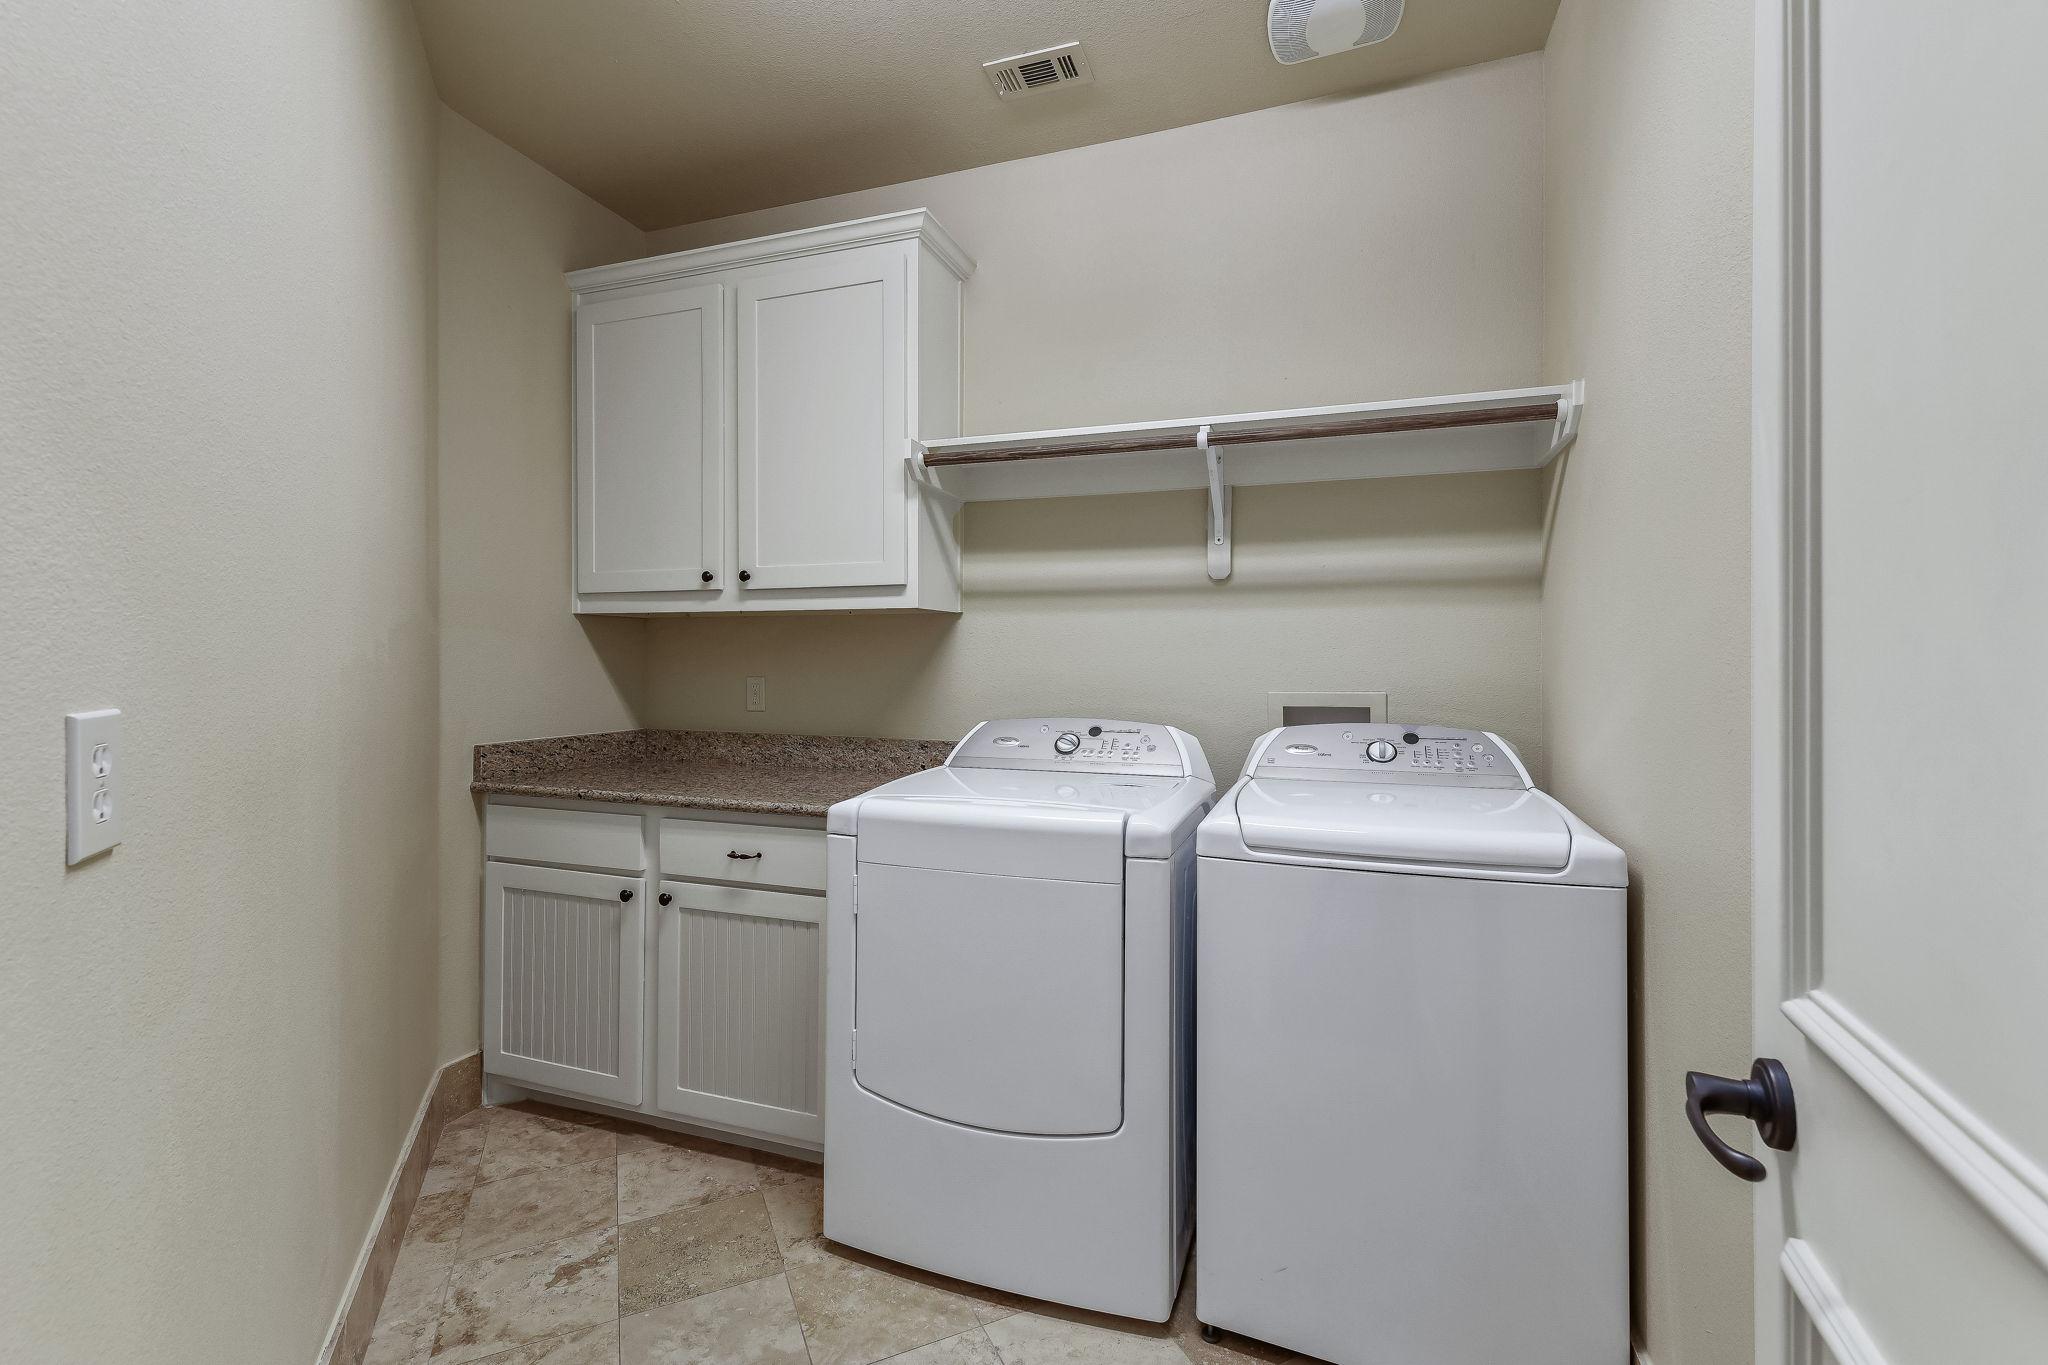 044-Upstairs Laundry-FULL